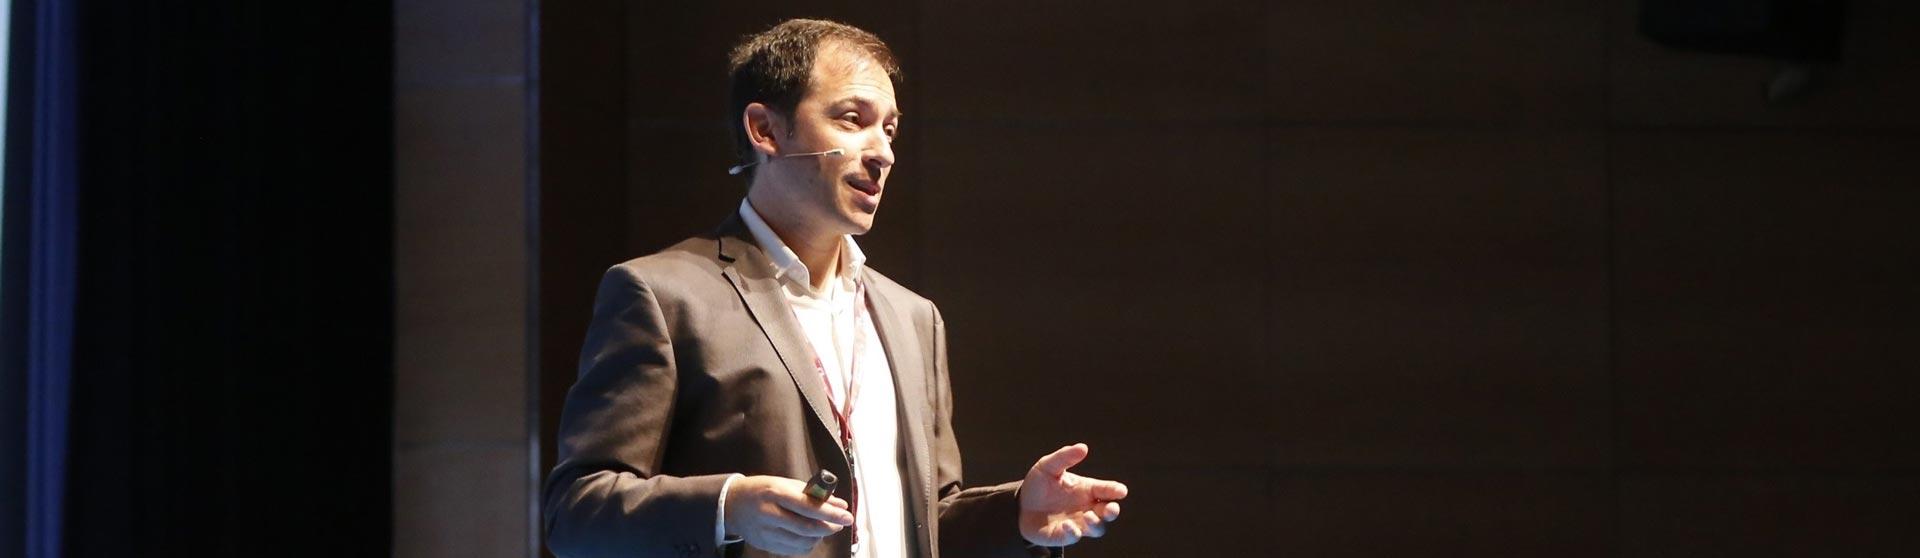 Héctor Robles profesor master innovación empresarial